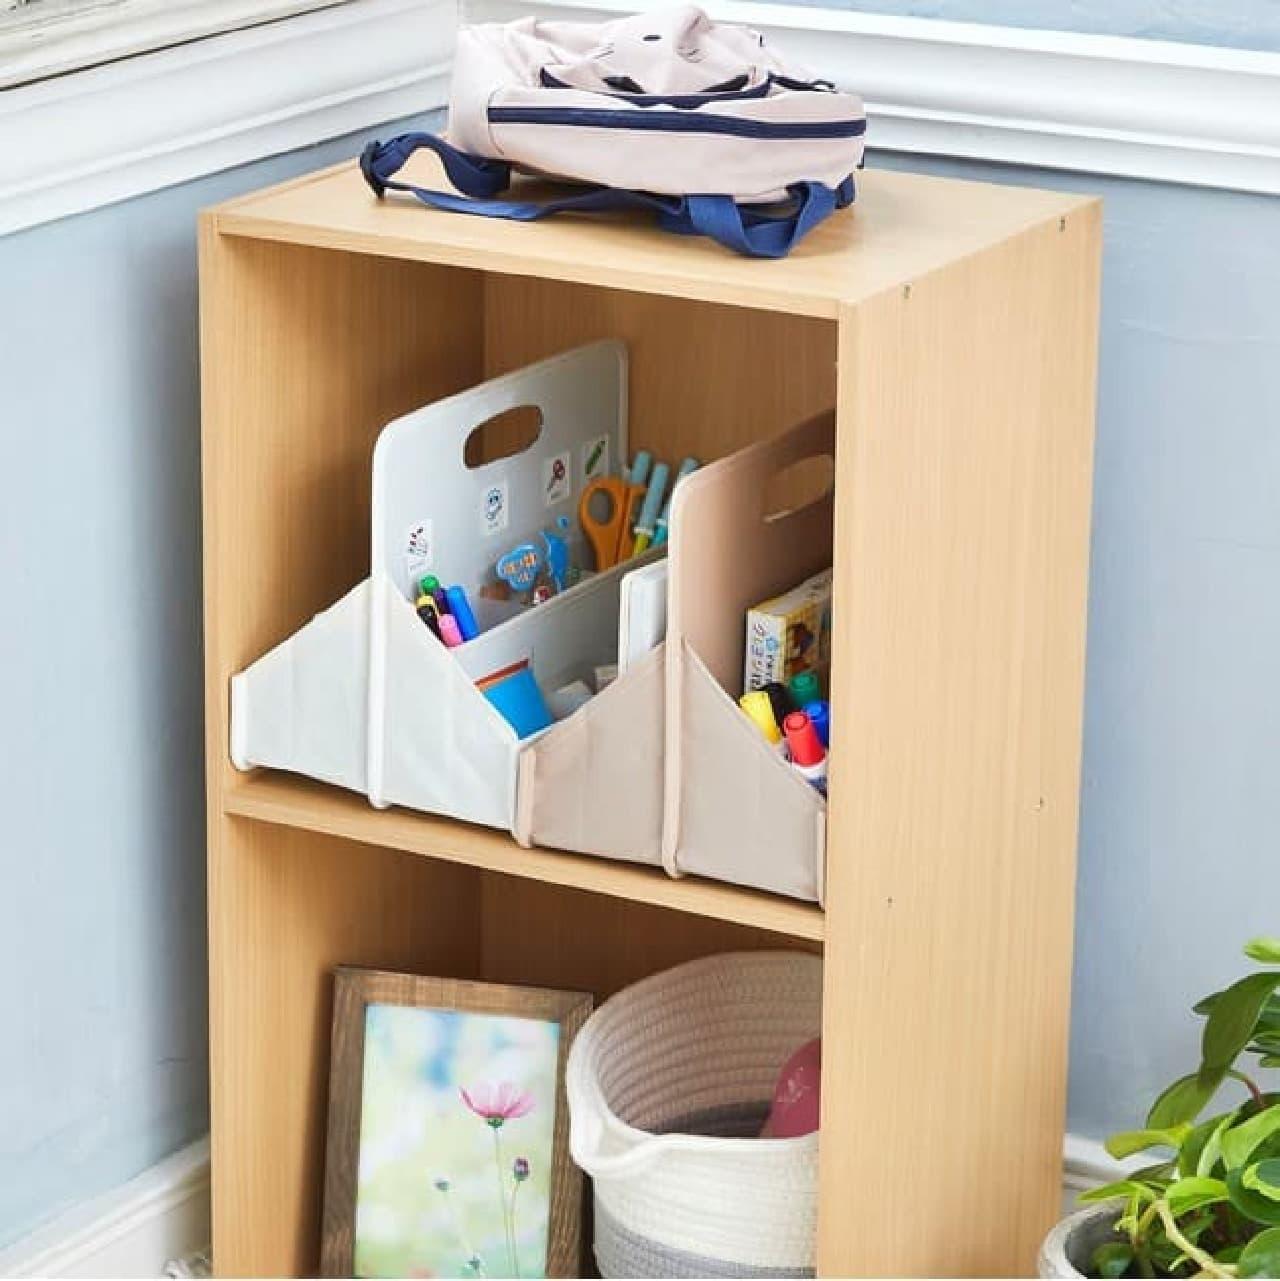 おかたづけボックス・お気に入りバッグがサクラクレパスから -- 子どもの整理整頓・持ち運びに